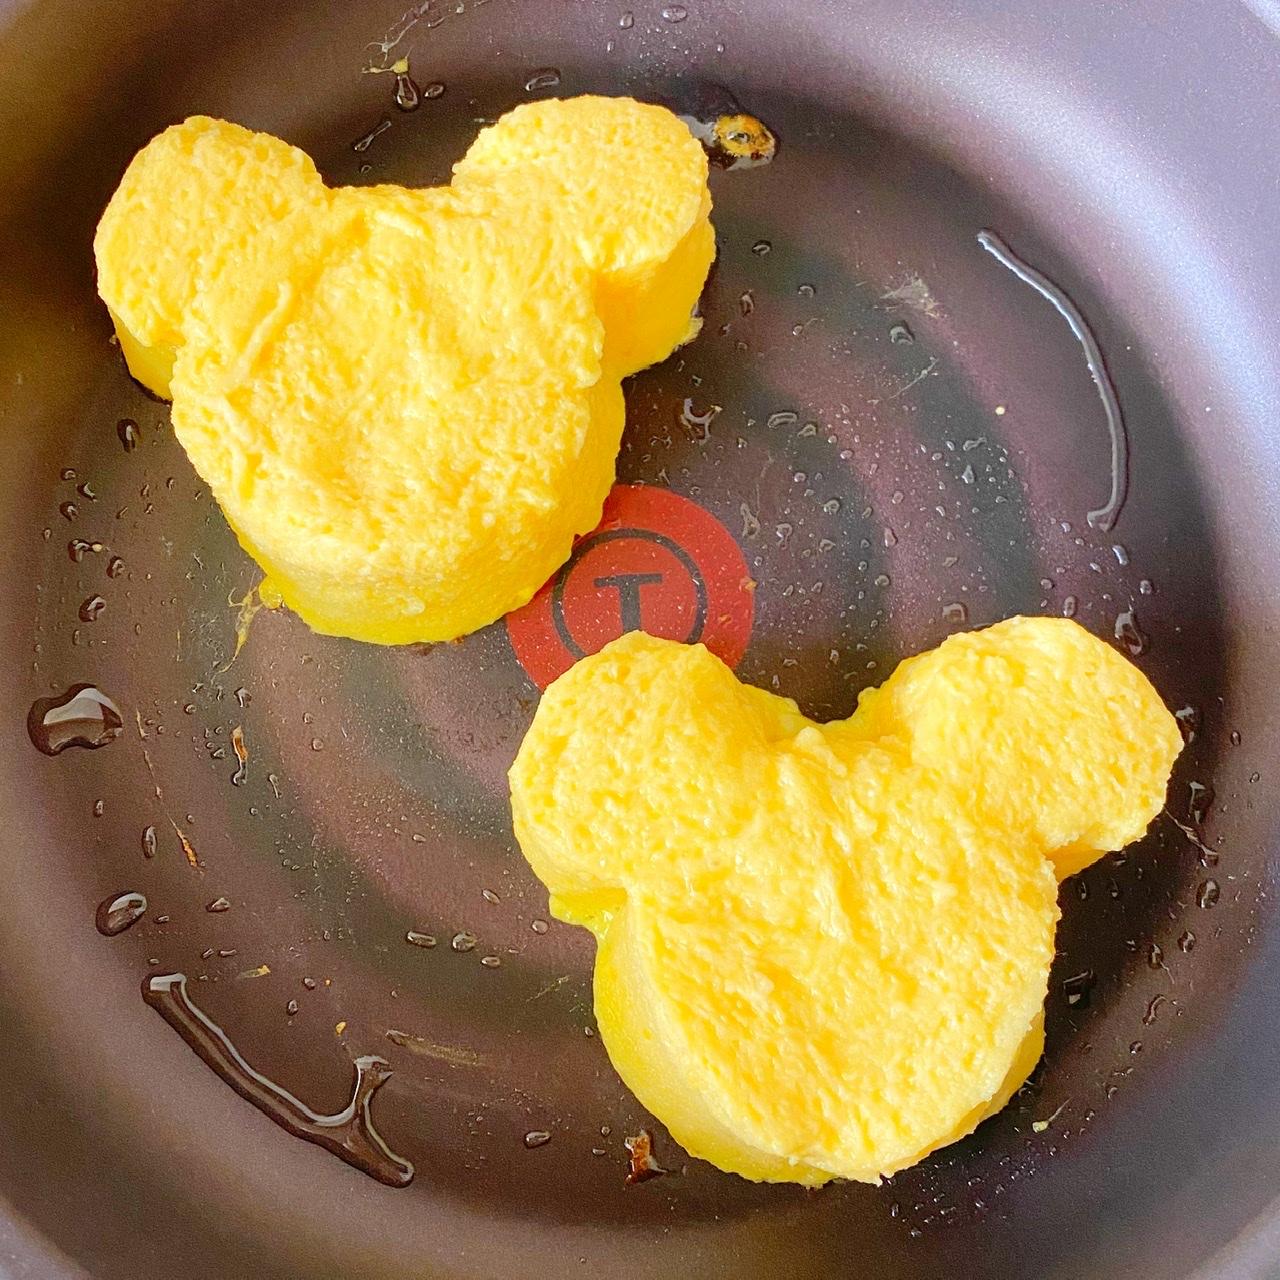 【ディズニーランド】のフレンチトースト♡公式レシピで作ってみました!_8